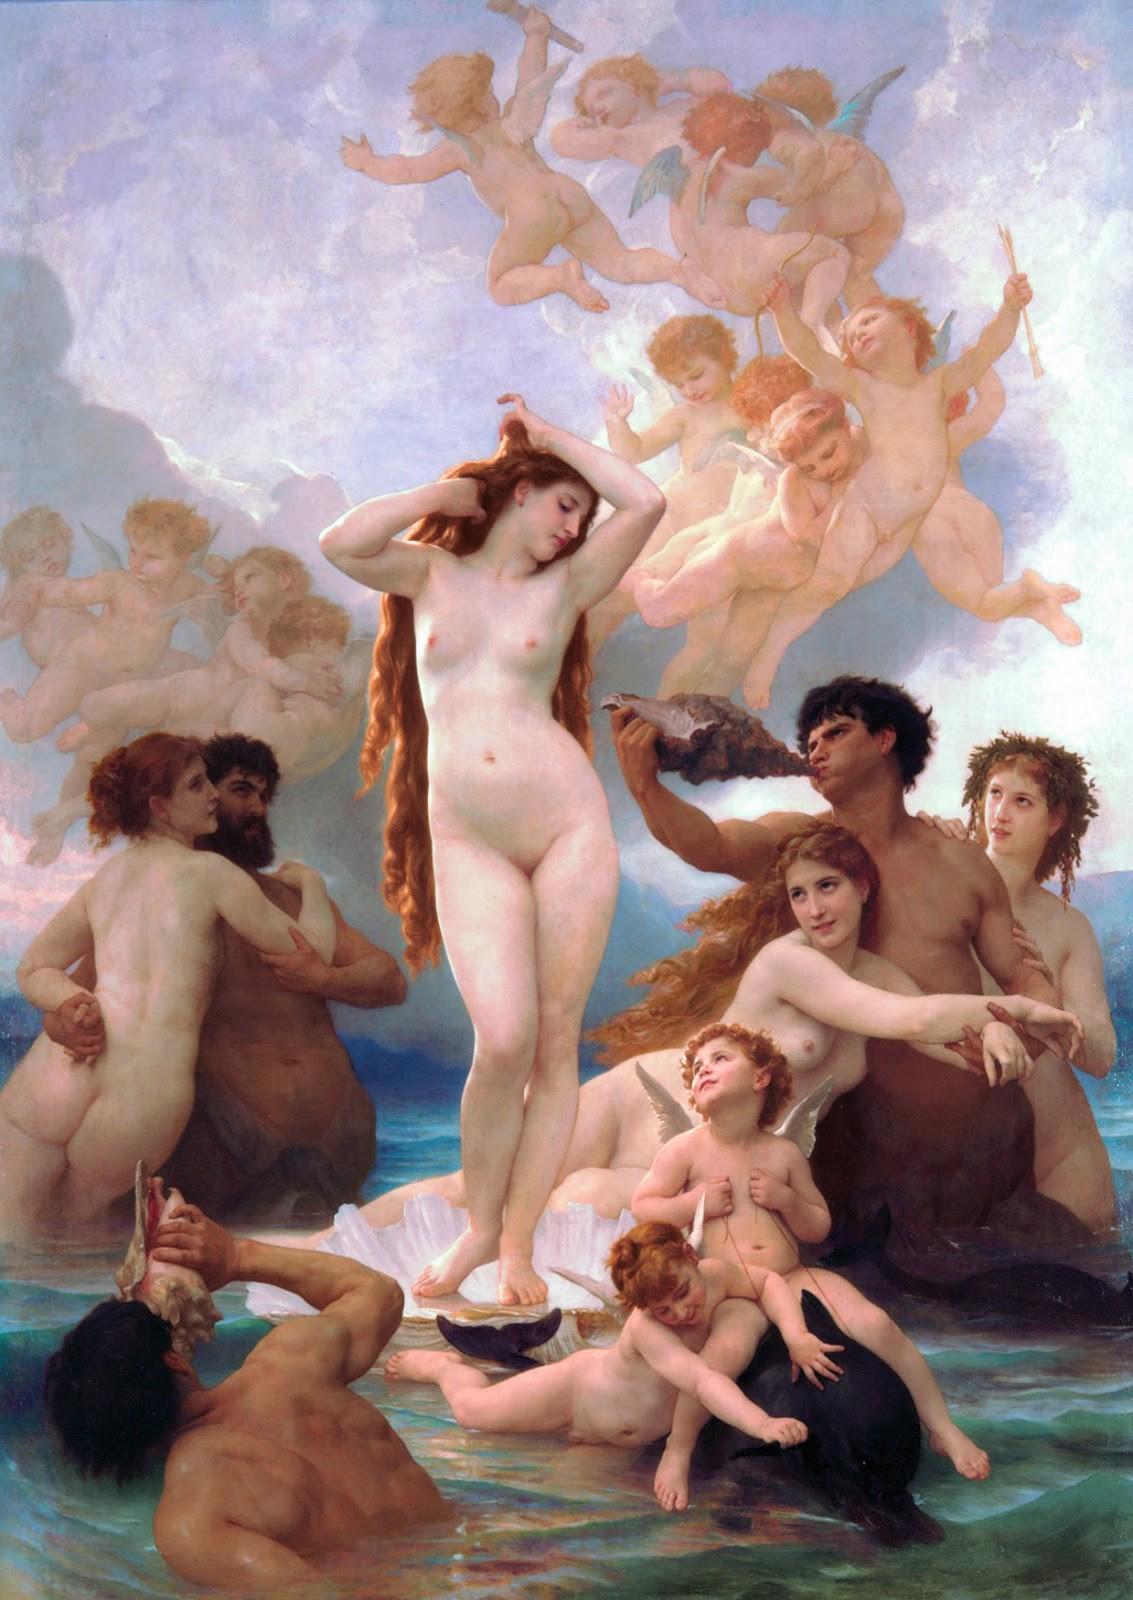 Mythology with a twist